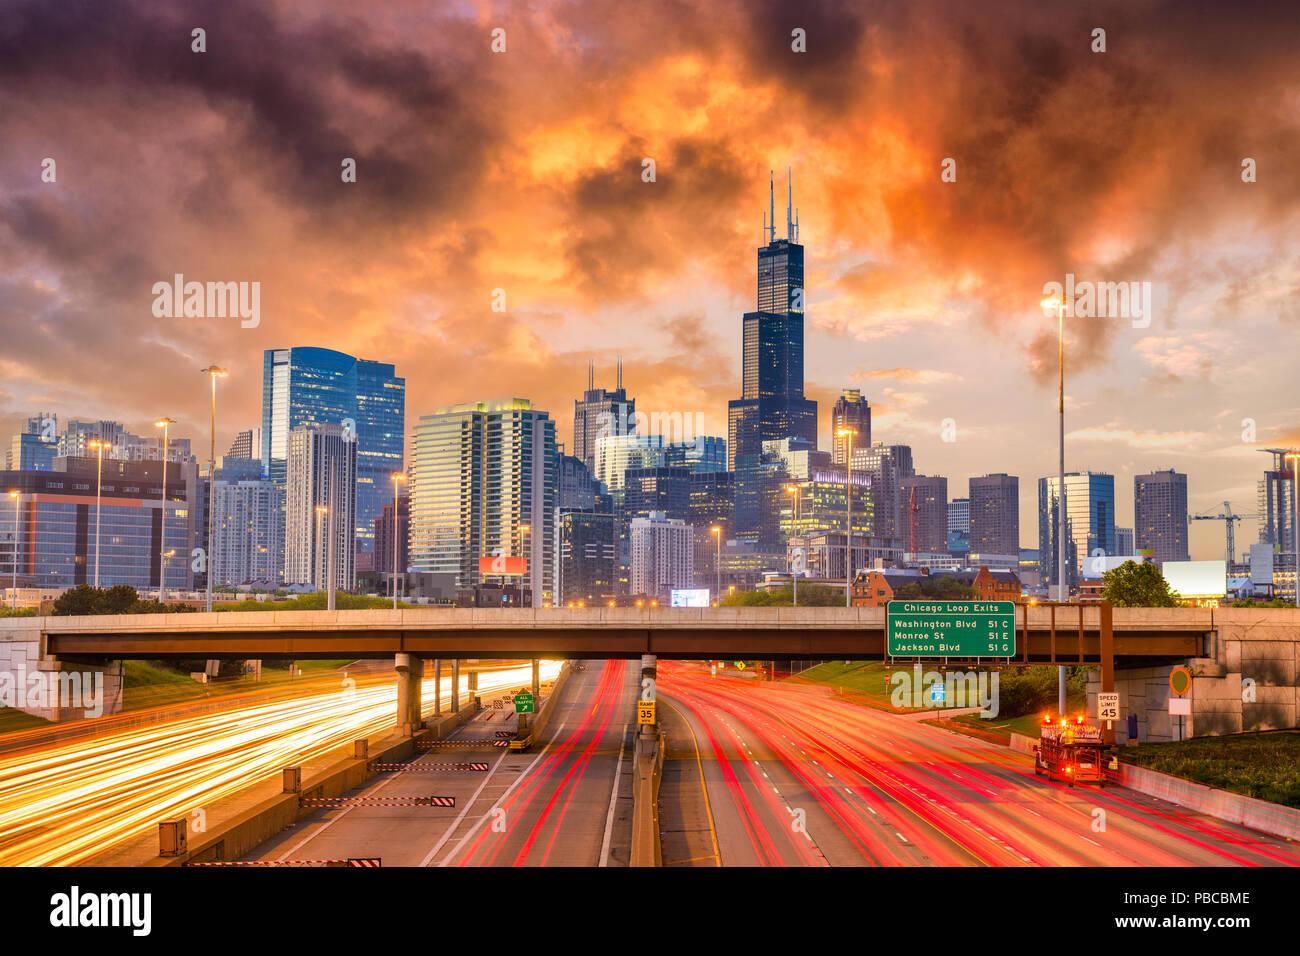 Chicago, Illinois, EE.UU., ciudad en autopistas en penumbra. Imagen De Stock